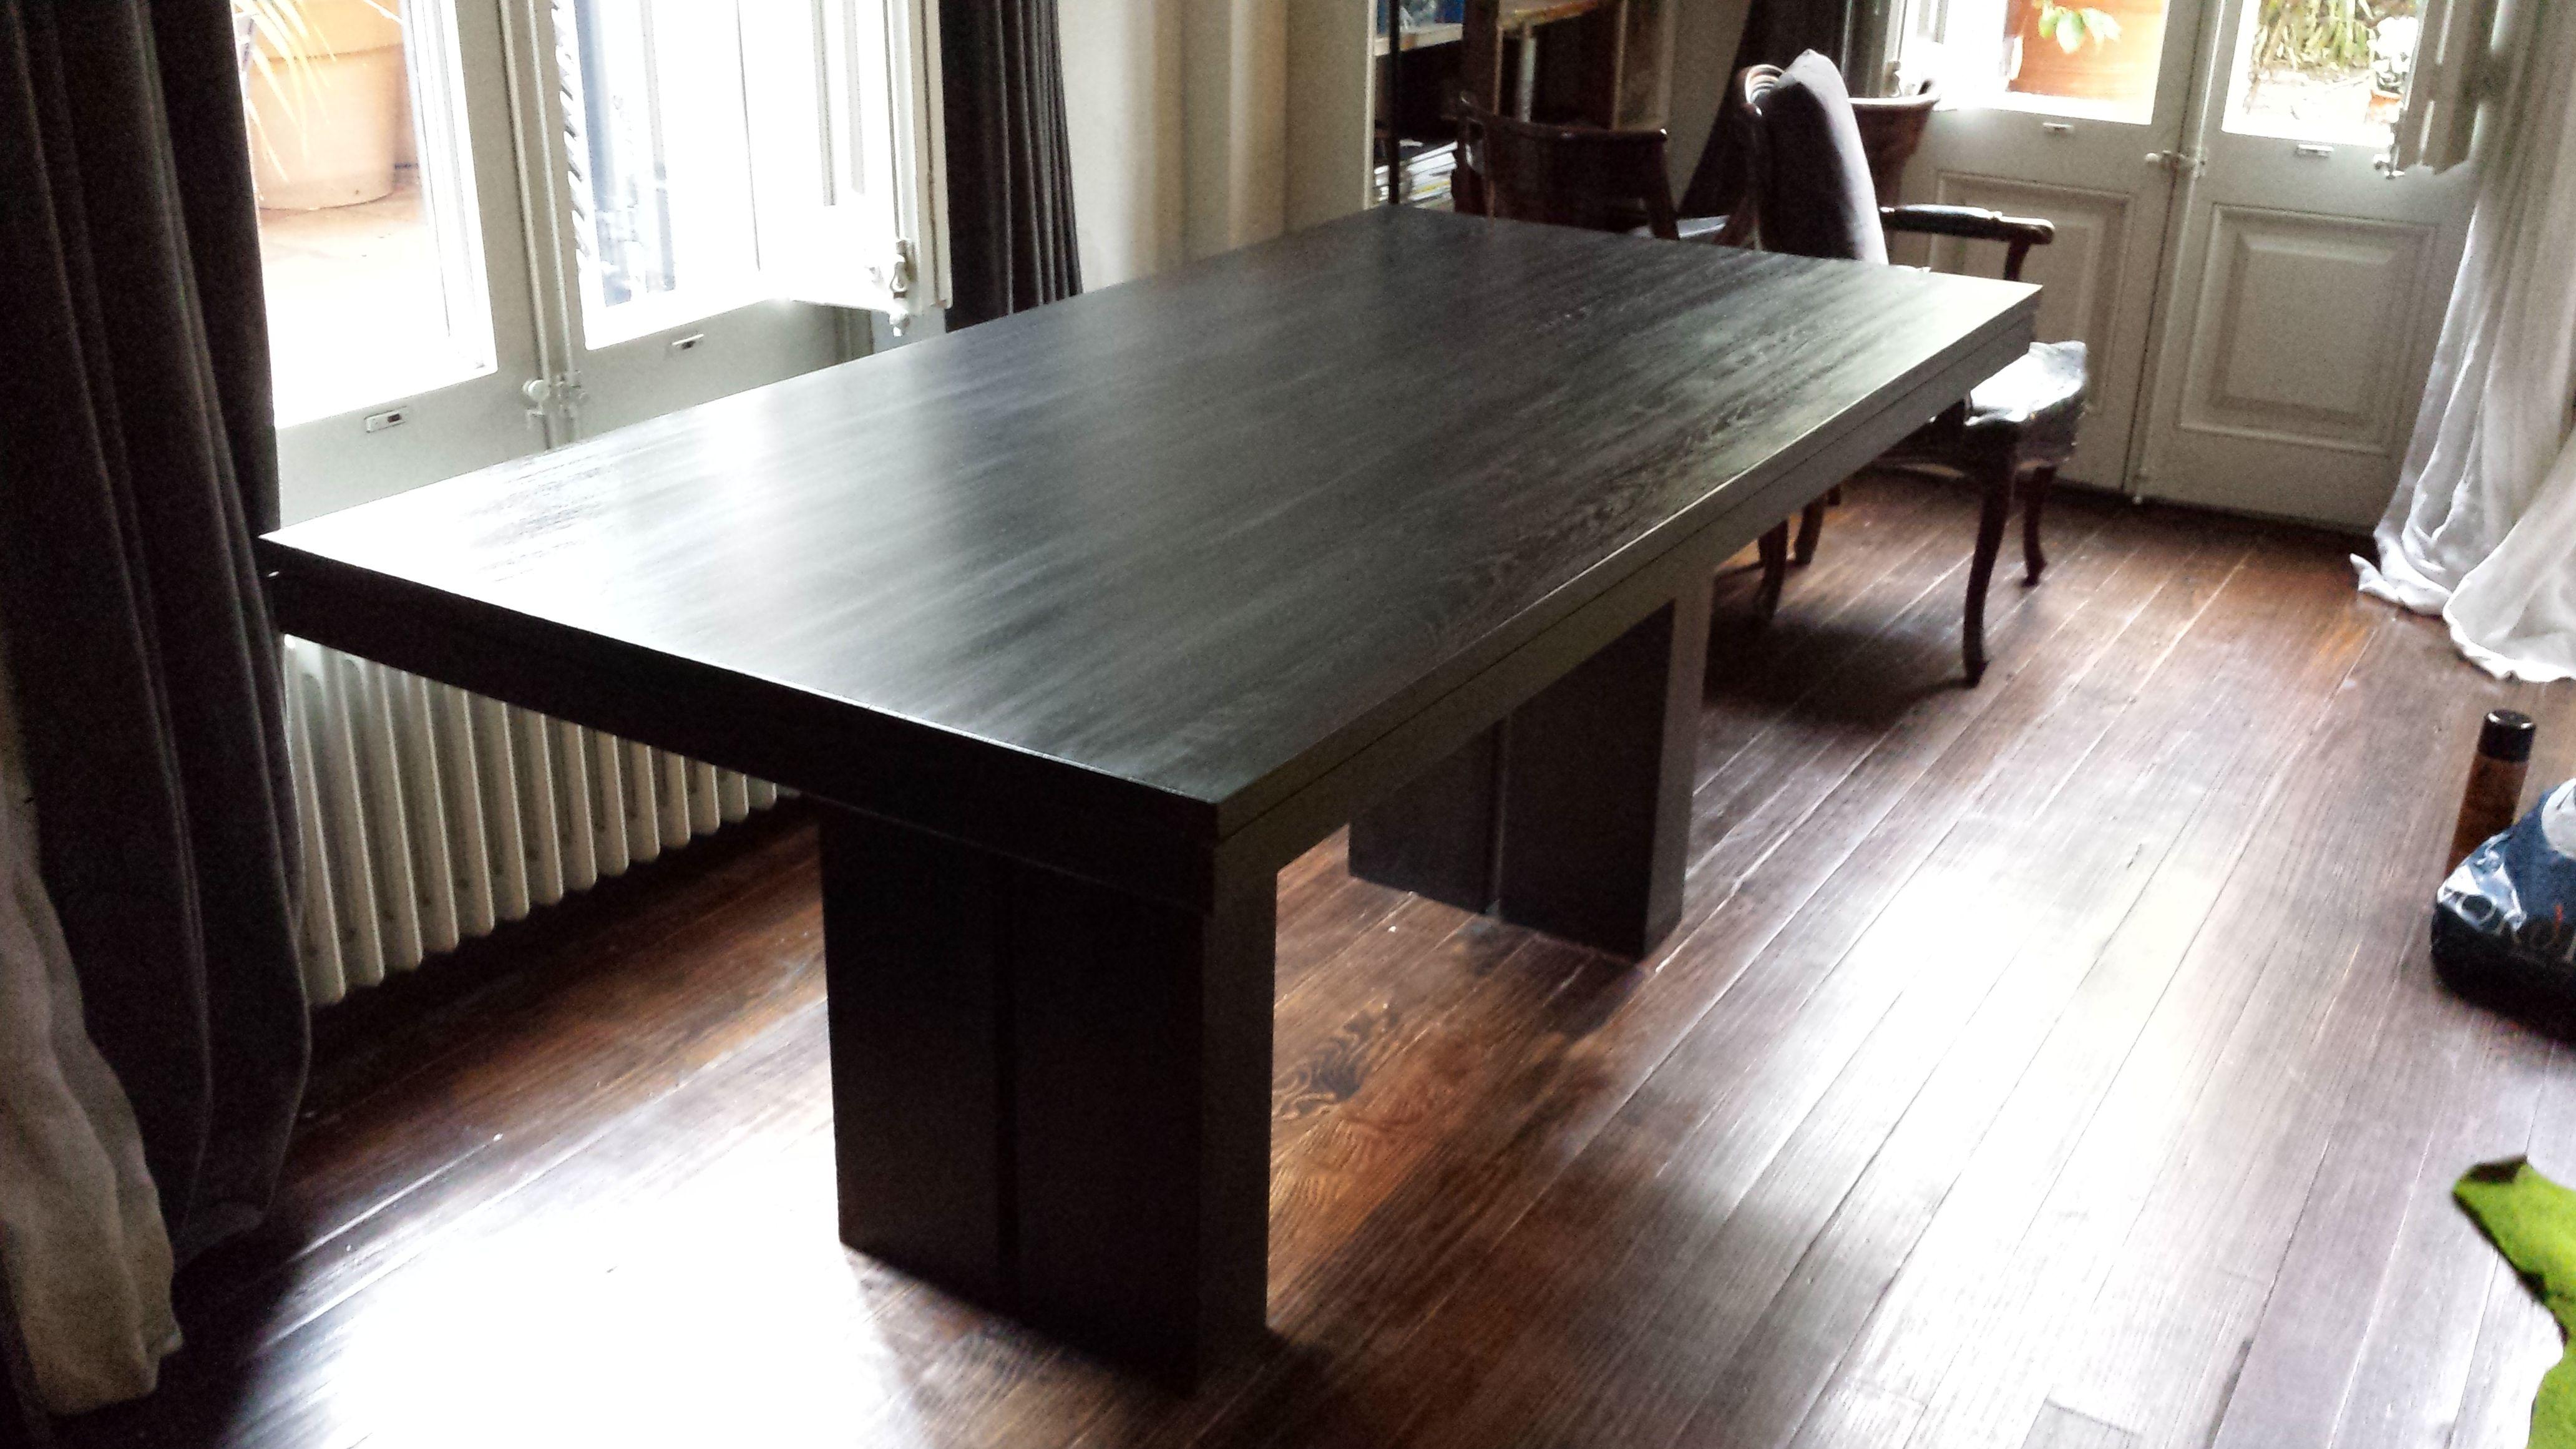 Mesa rectangular de madera y dise o minimalista acabada en for Muebles minimalistas